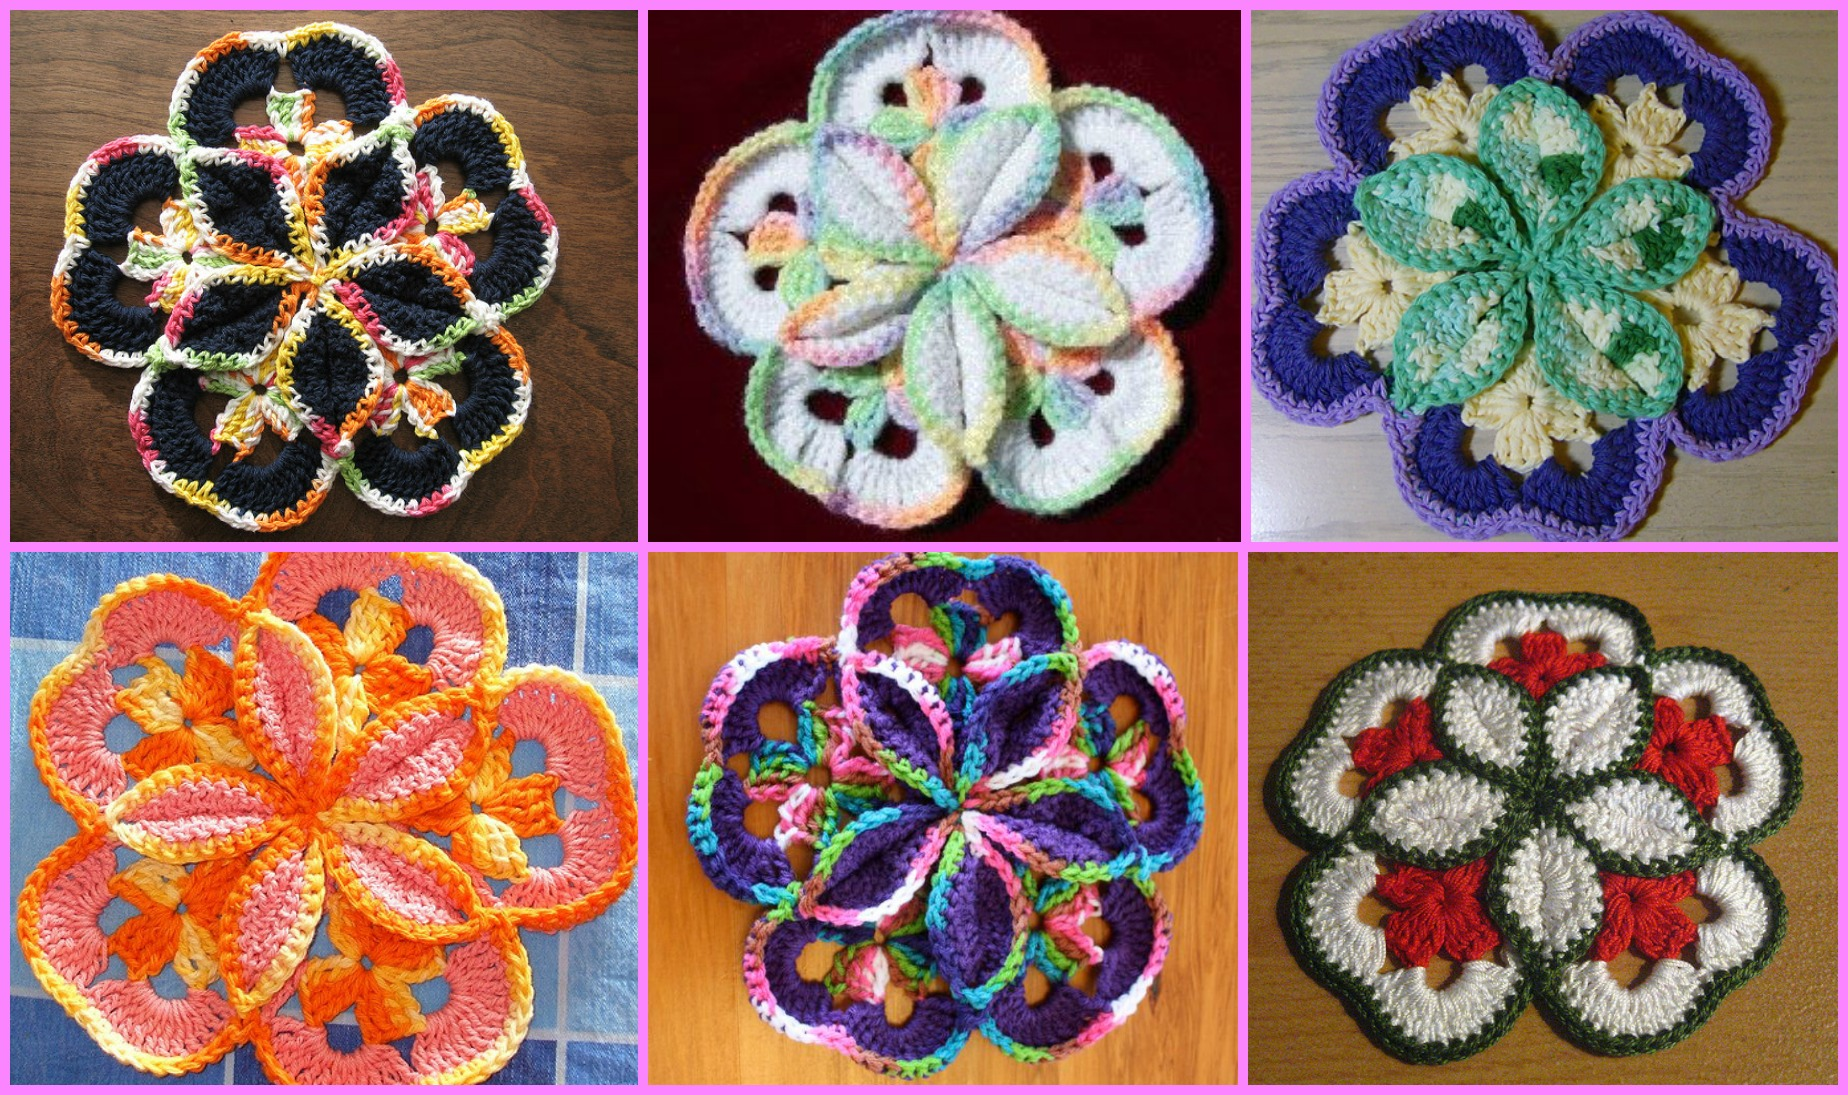 Crochet Potholder Flower